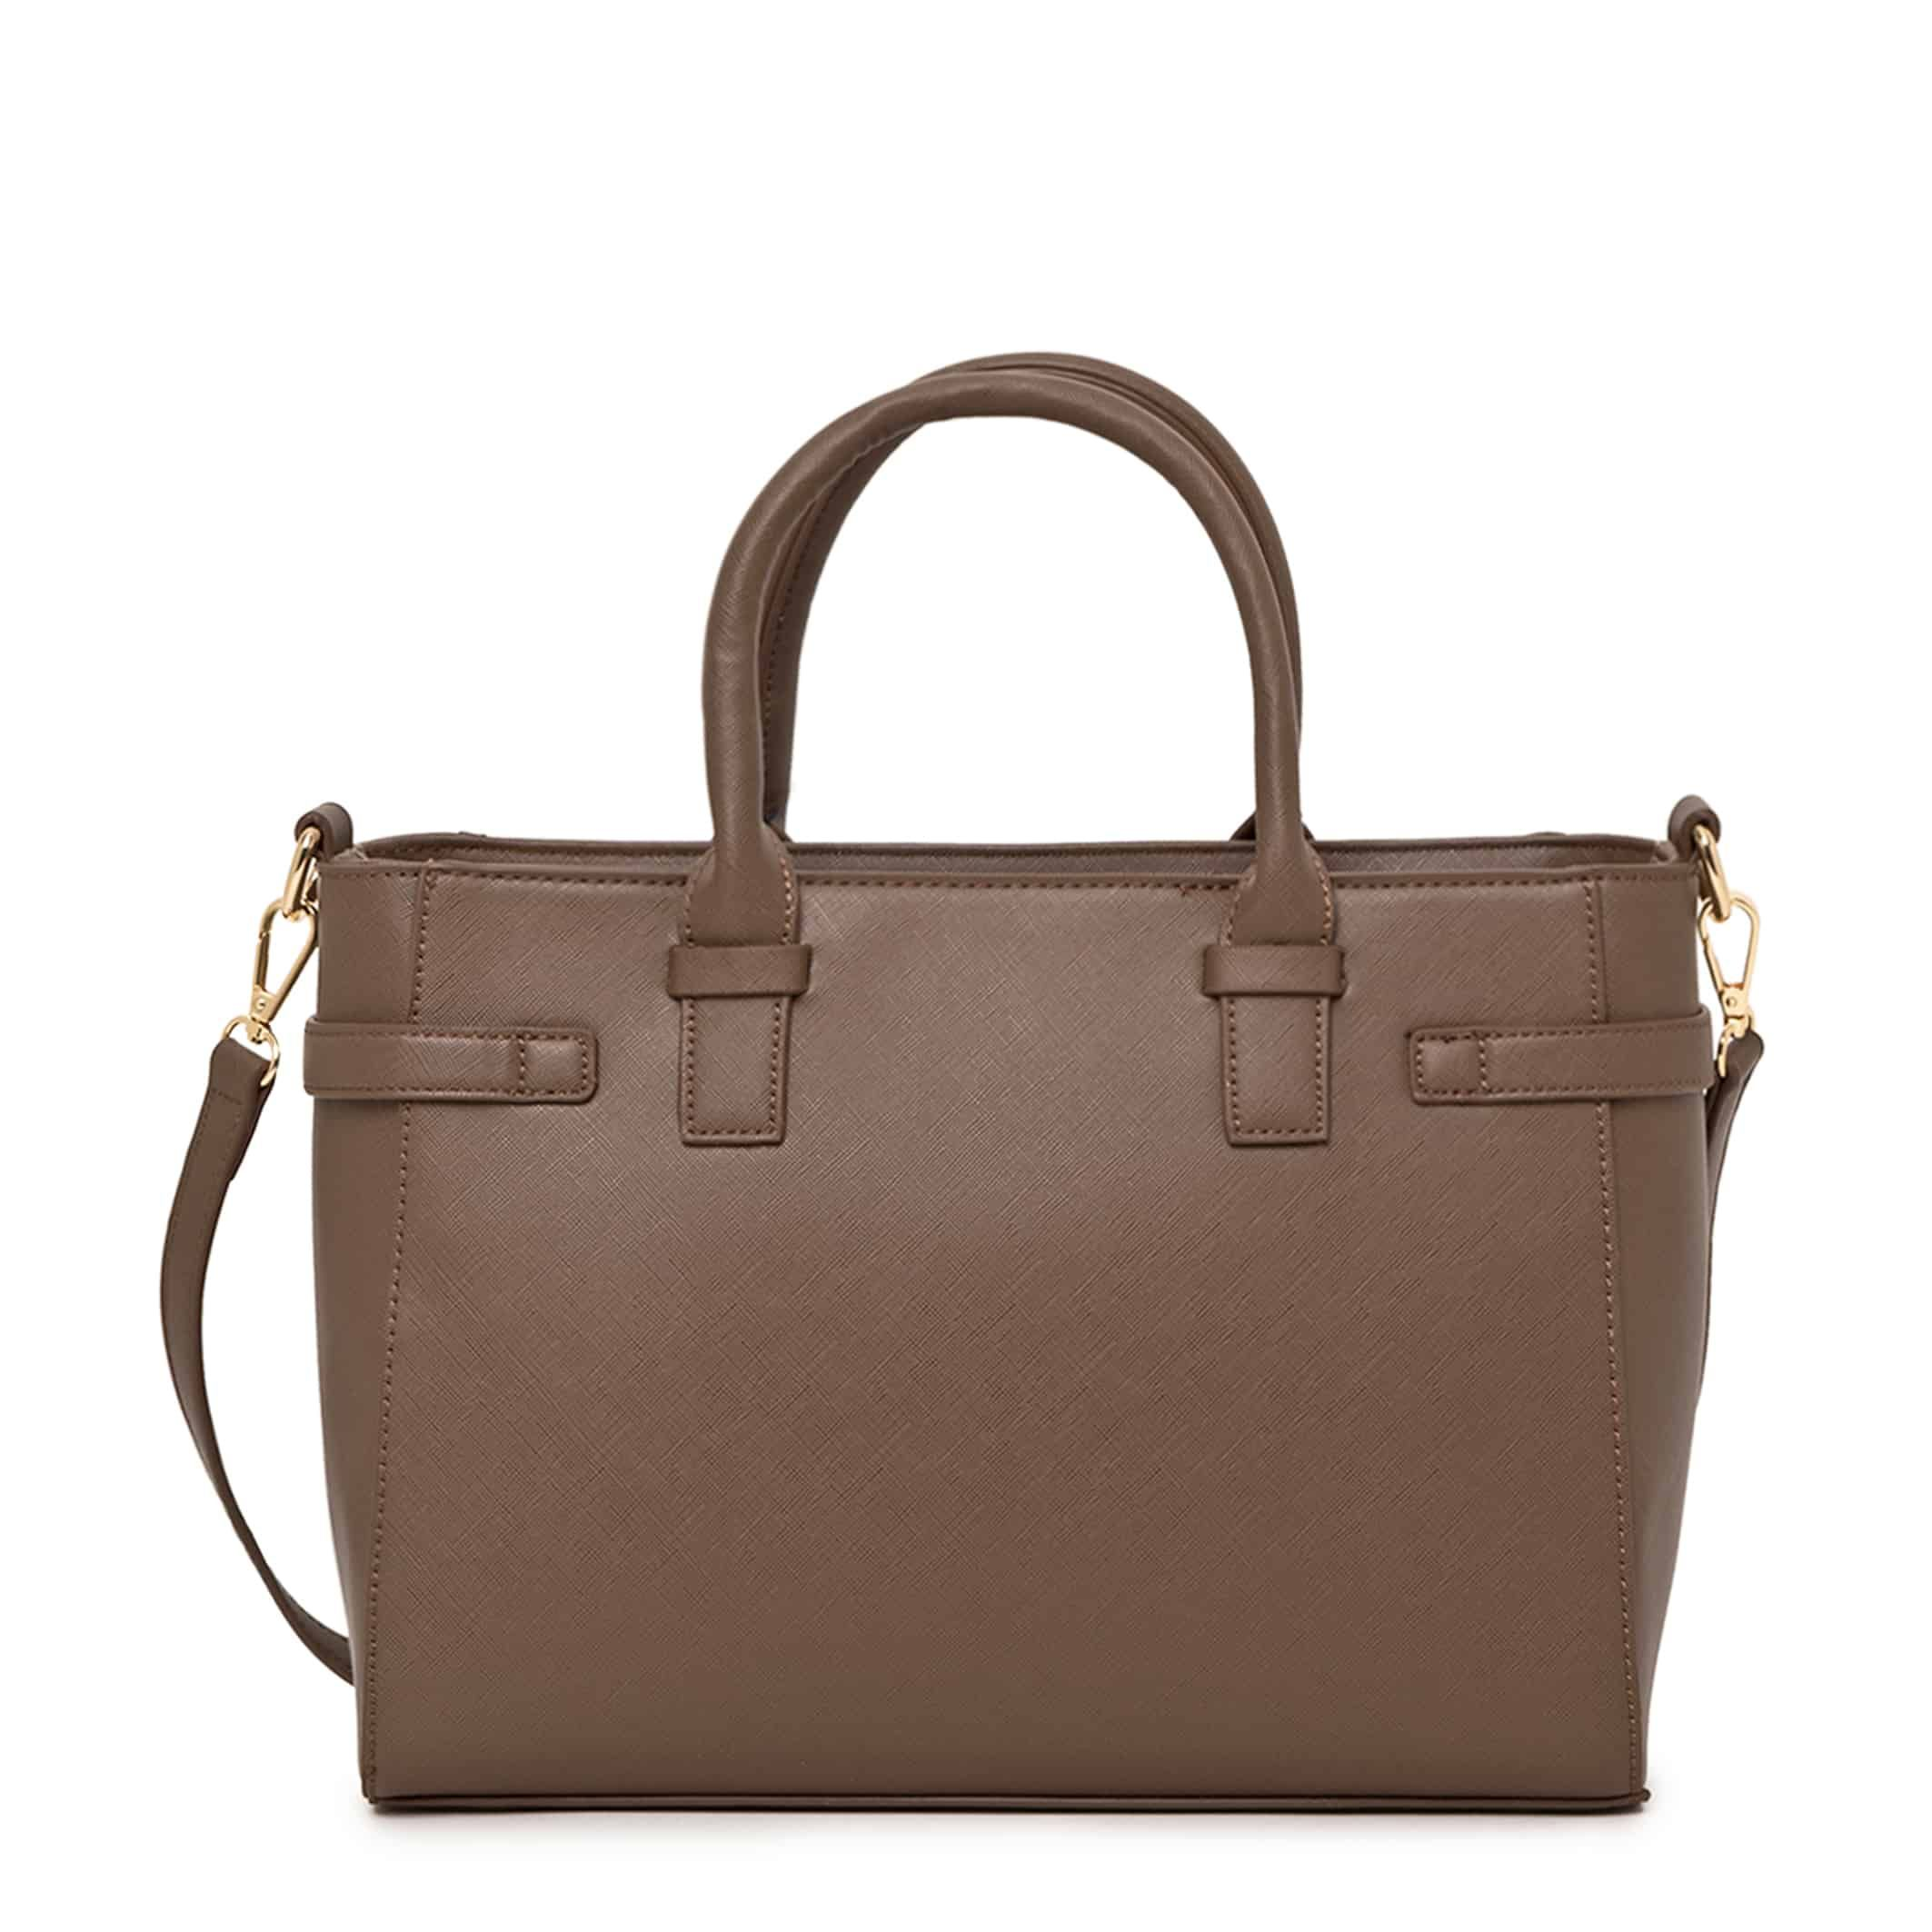 Handtaschen Trussardi – 76BTS15 – Braun